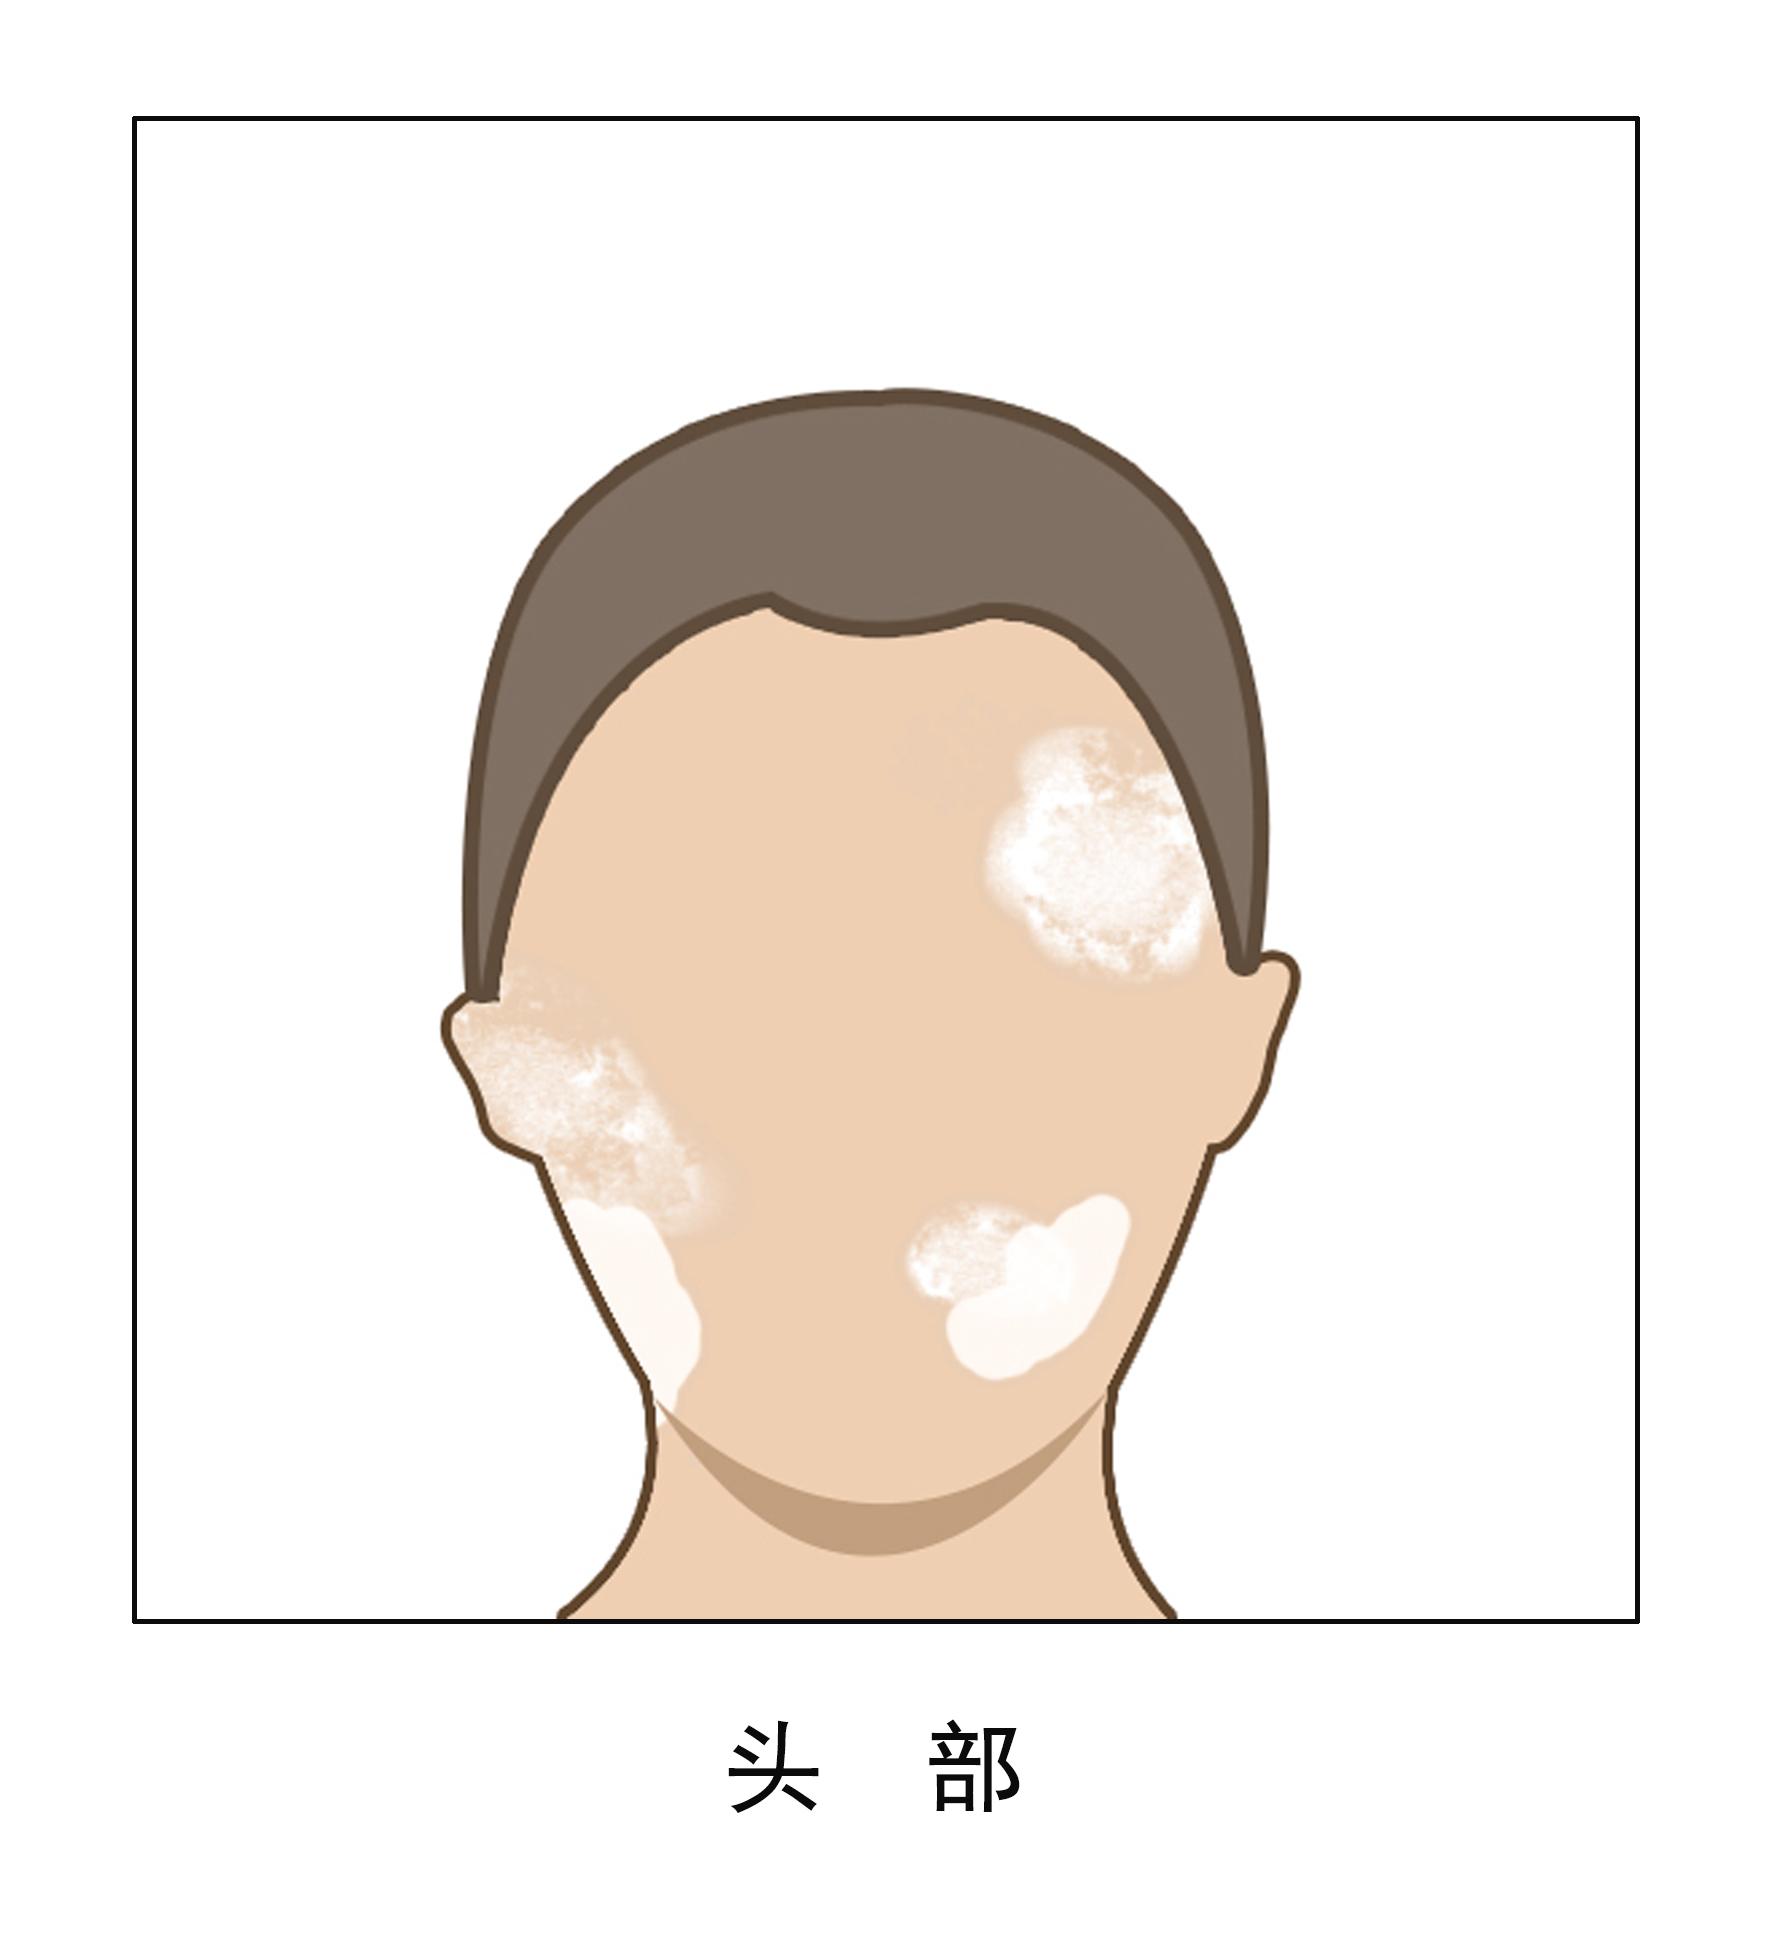 头部白癜风患者需要注意哪些问题